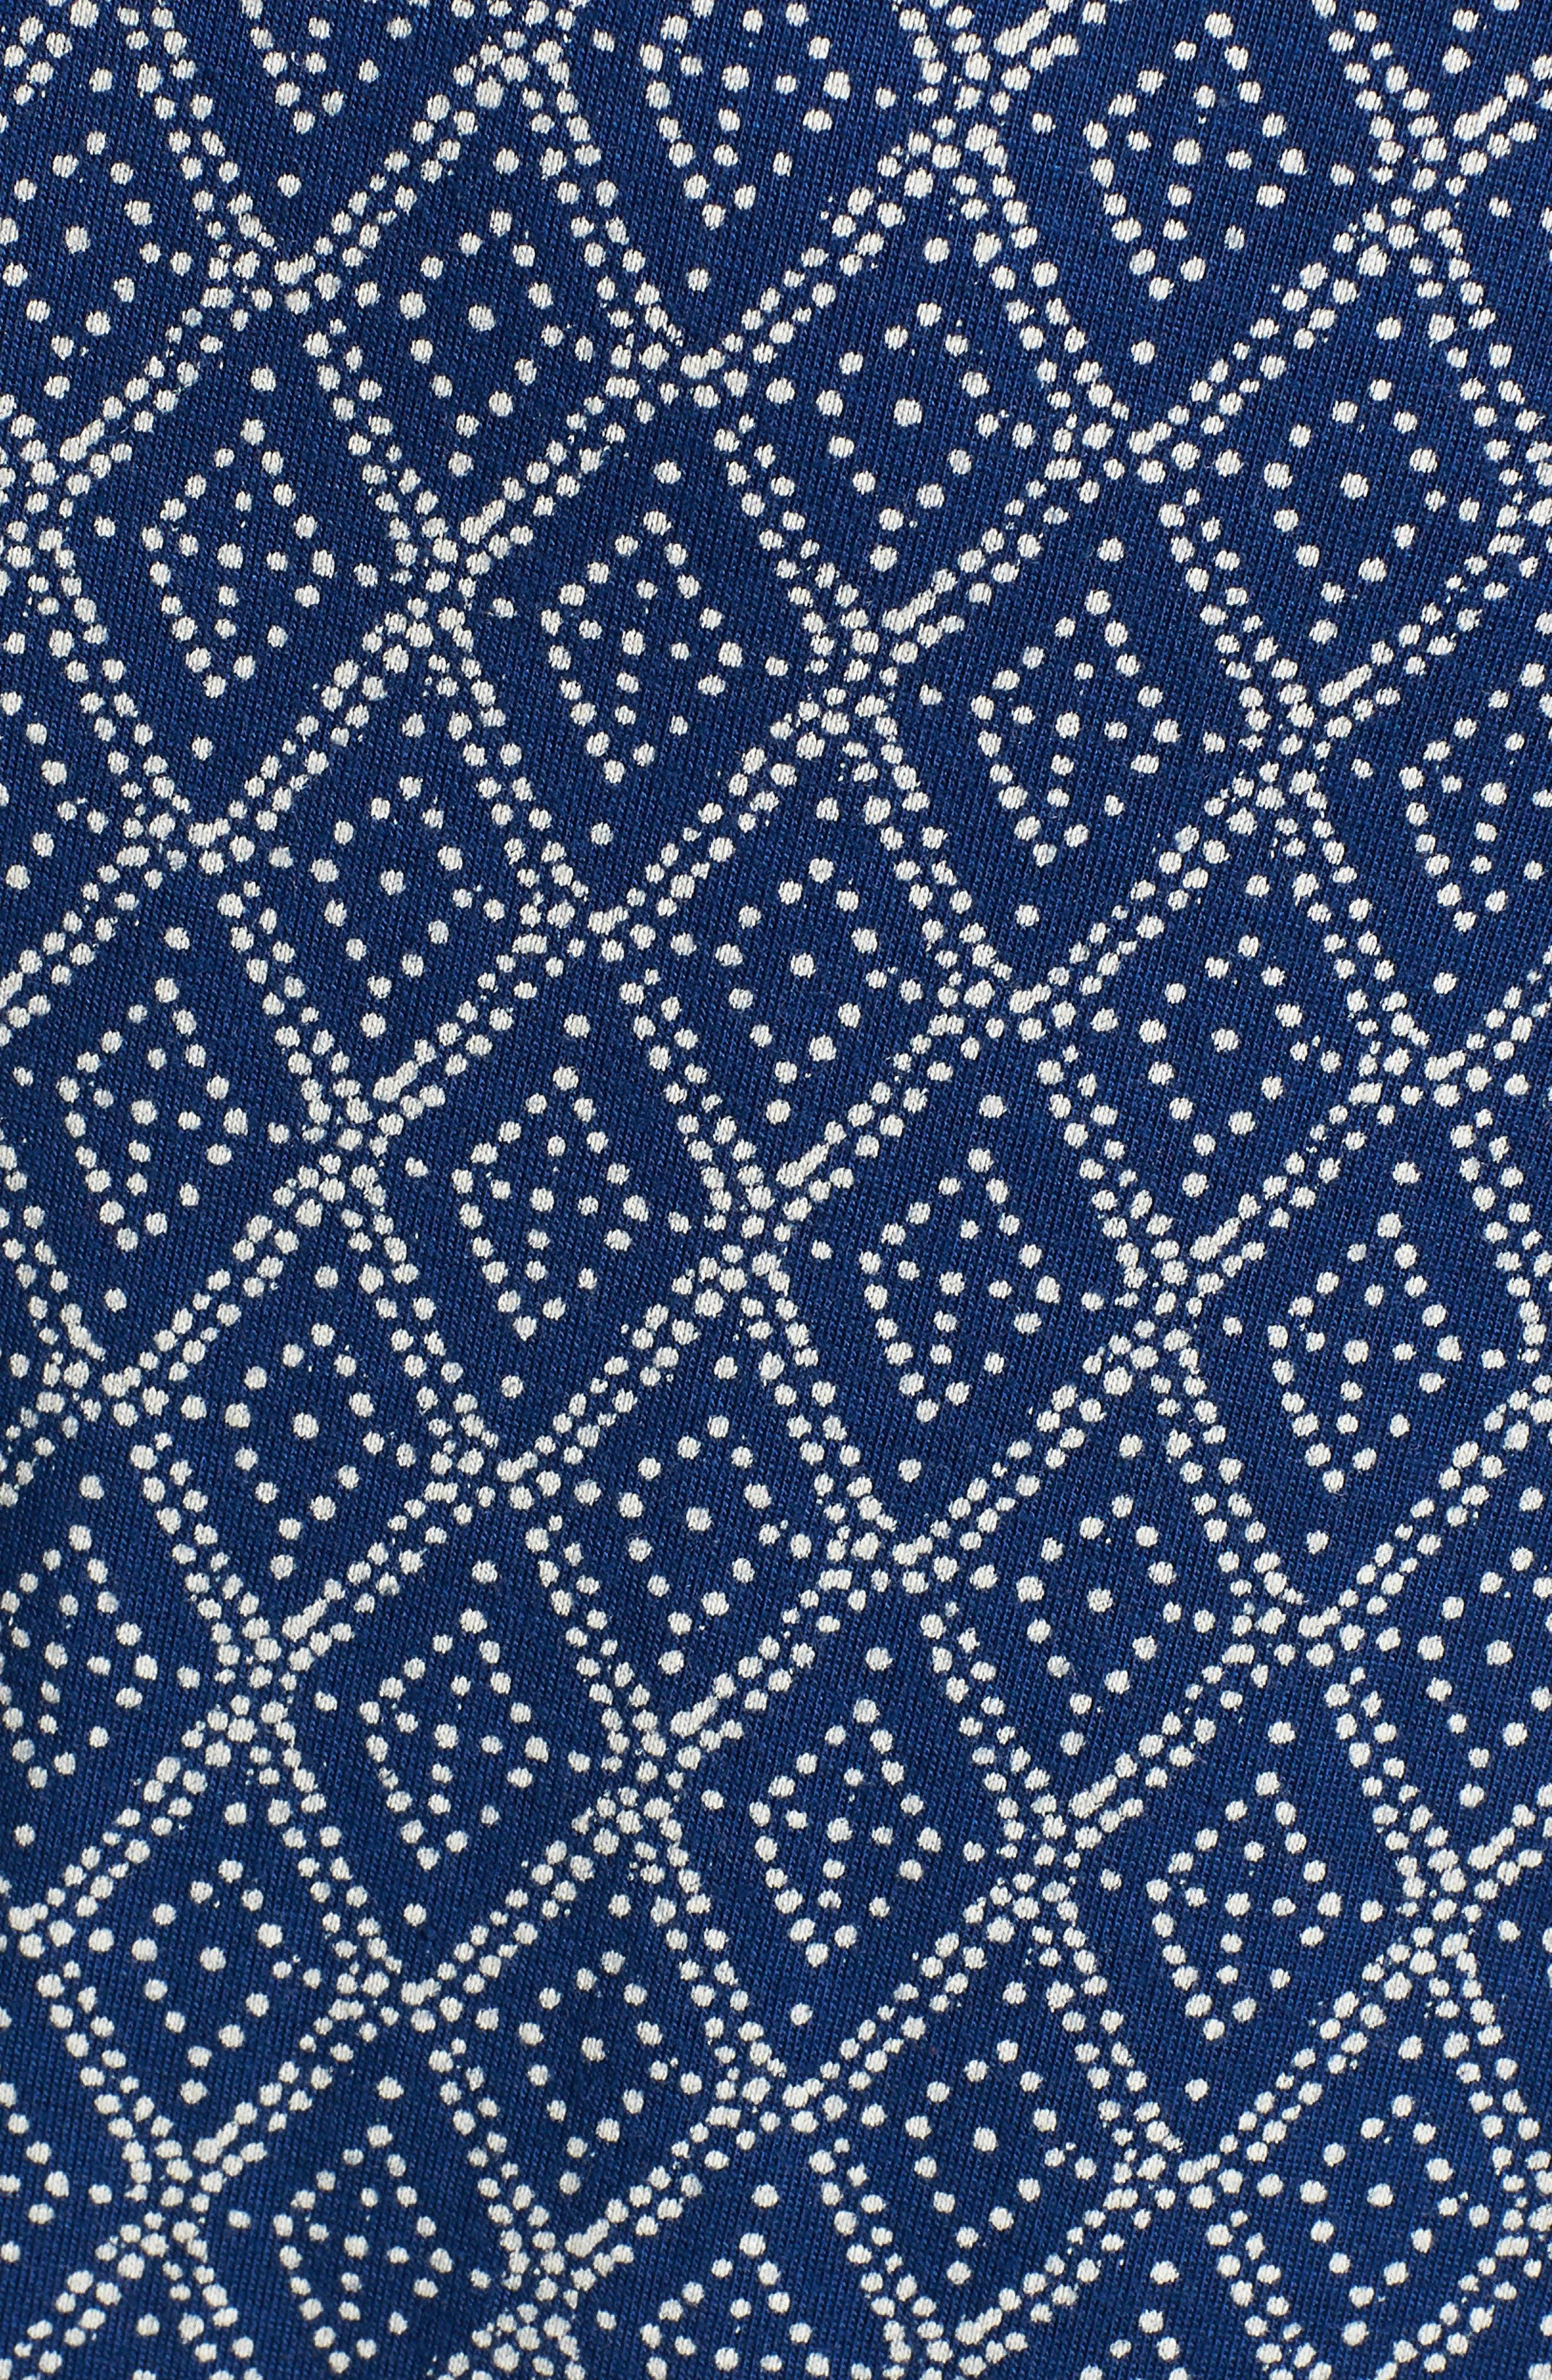 Lucky Border Print Maxi Dress,                             Alternate thumbnail 6, color,                             Multi